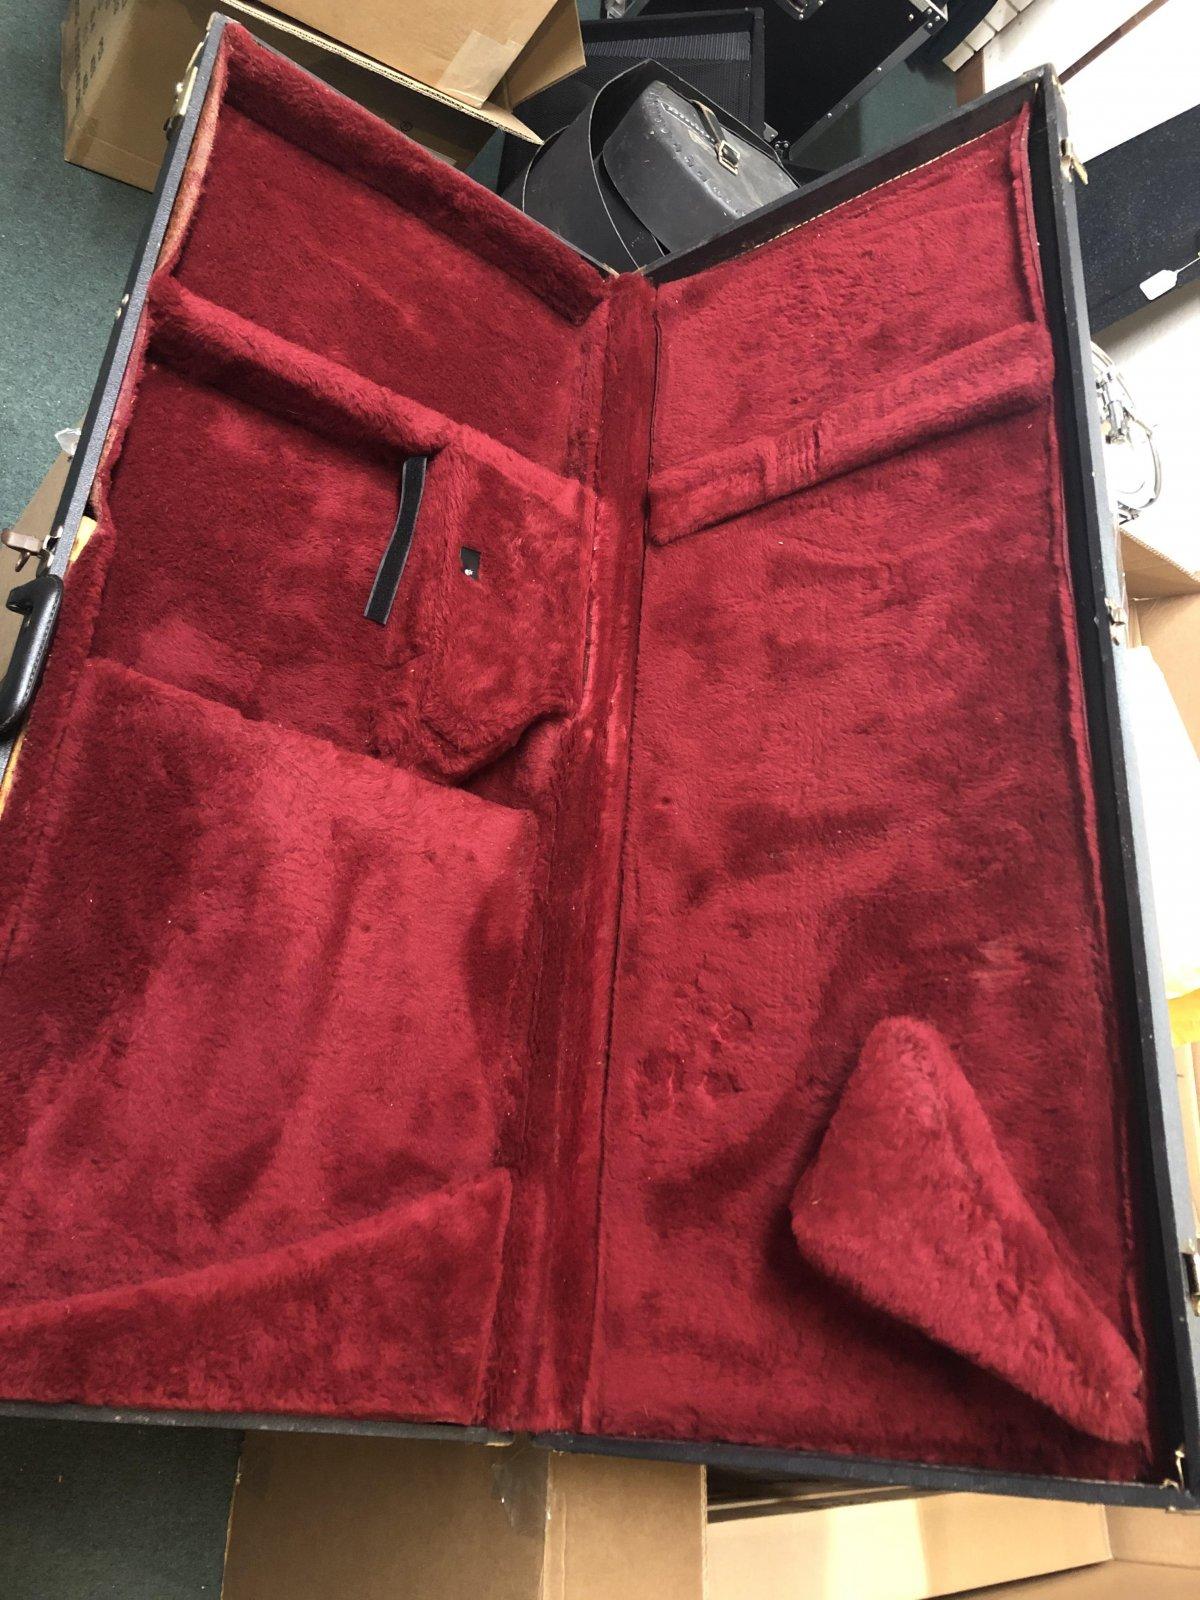 Gibson Explorer Case Red interior